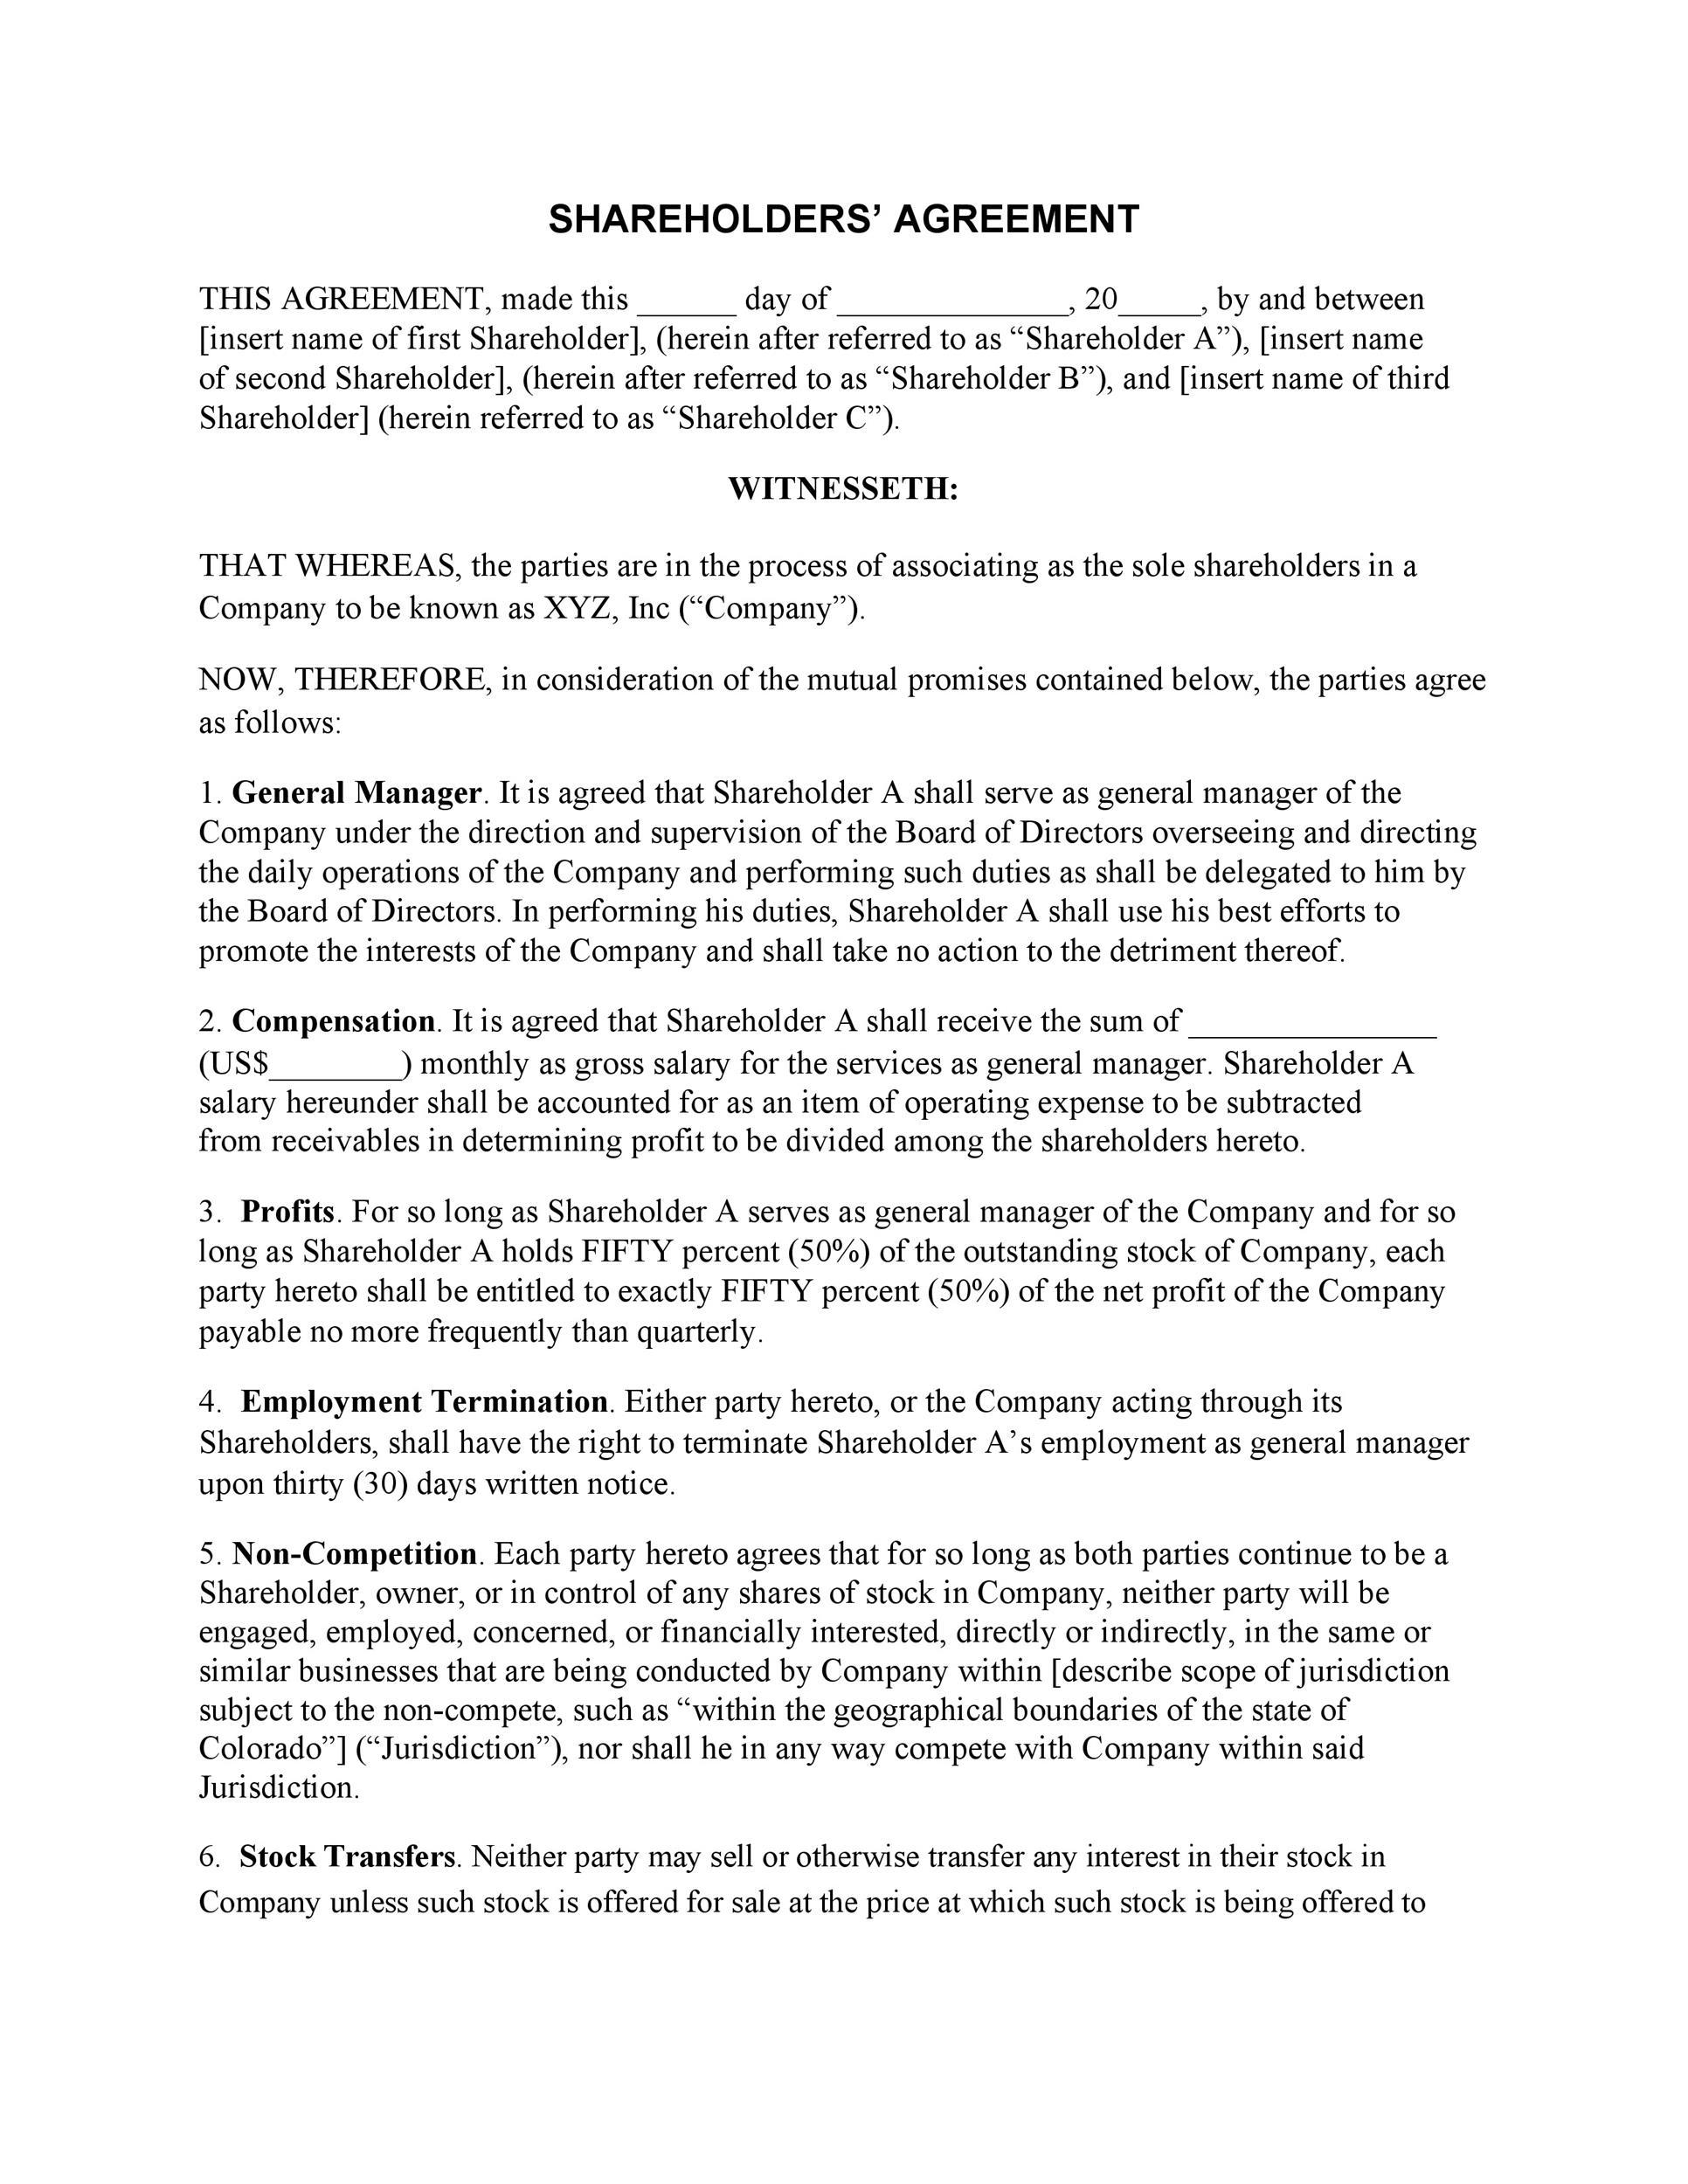 Free shareholder agreement 11